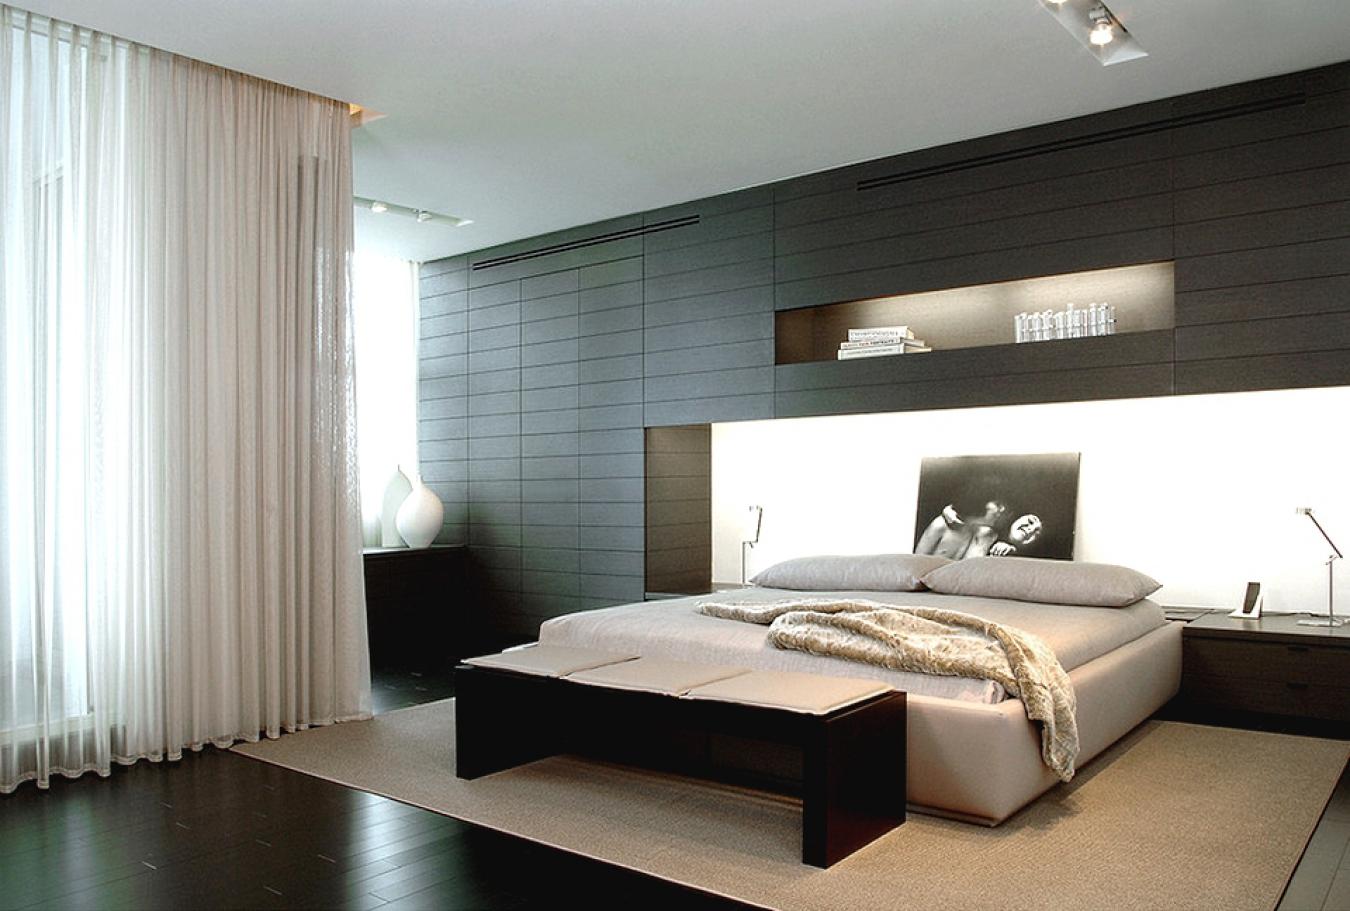 Стандартное оформление спальни в современном стиле